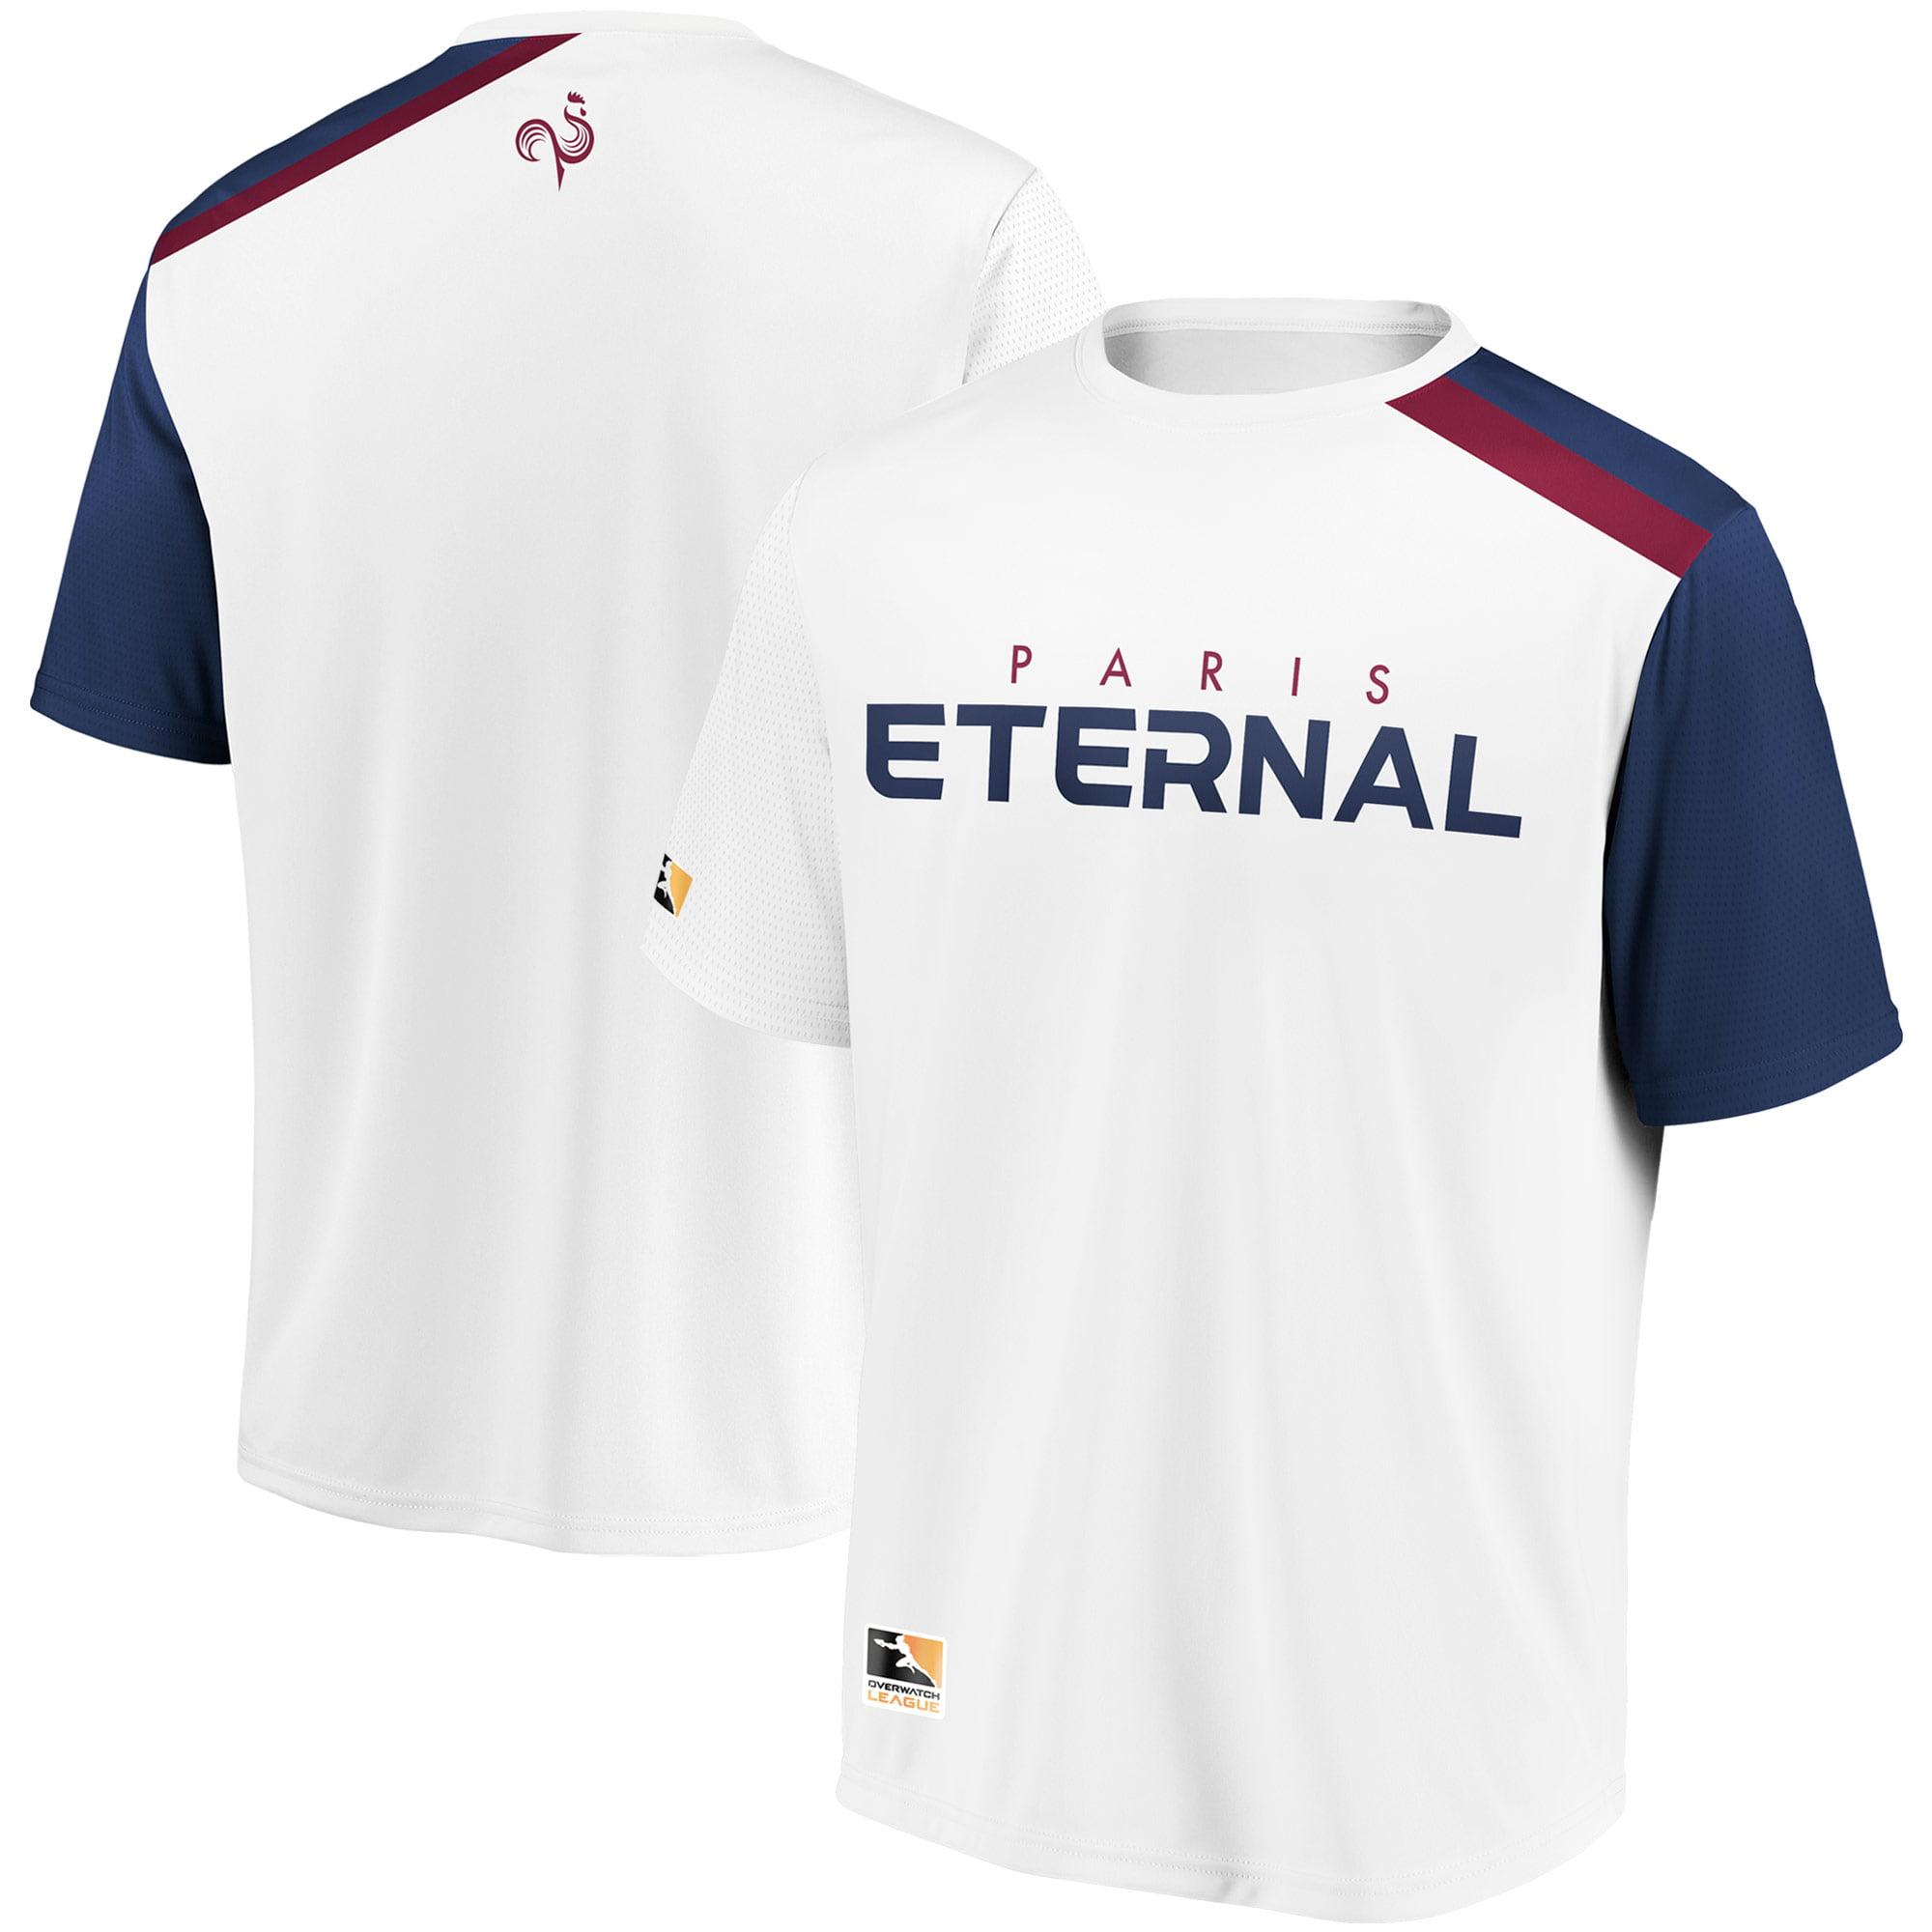 Paris Eternal Overwatch League Replica Away Jersey - White